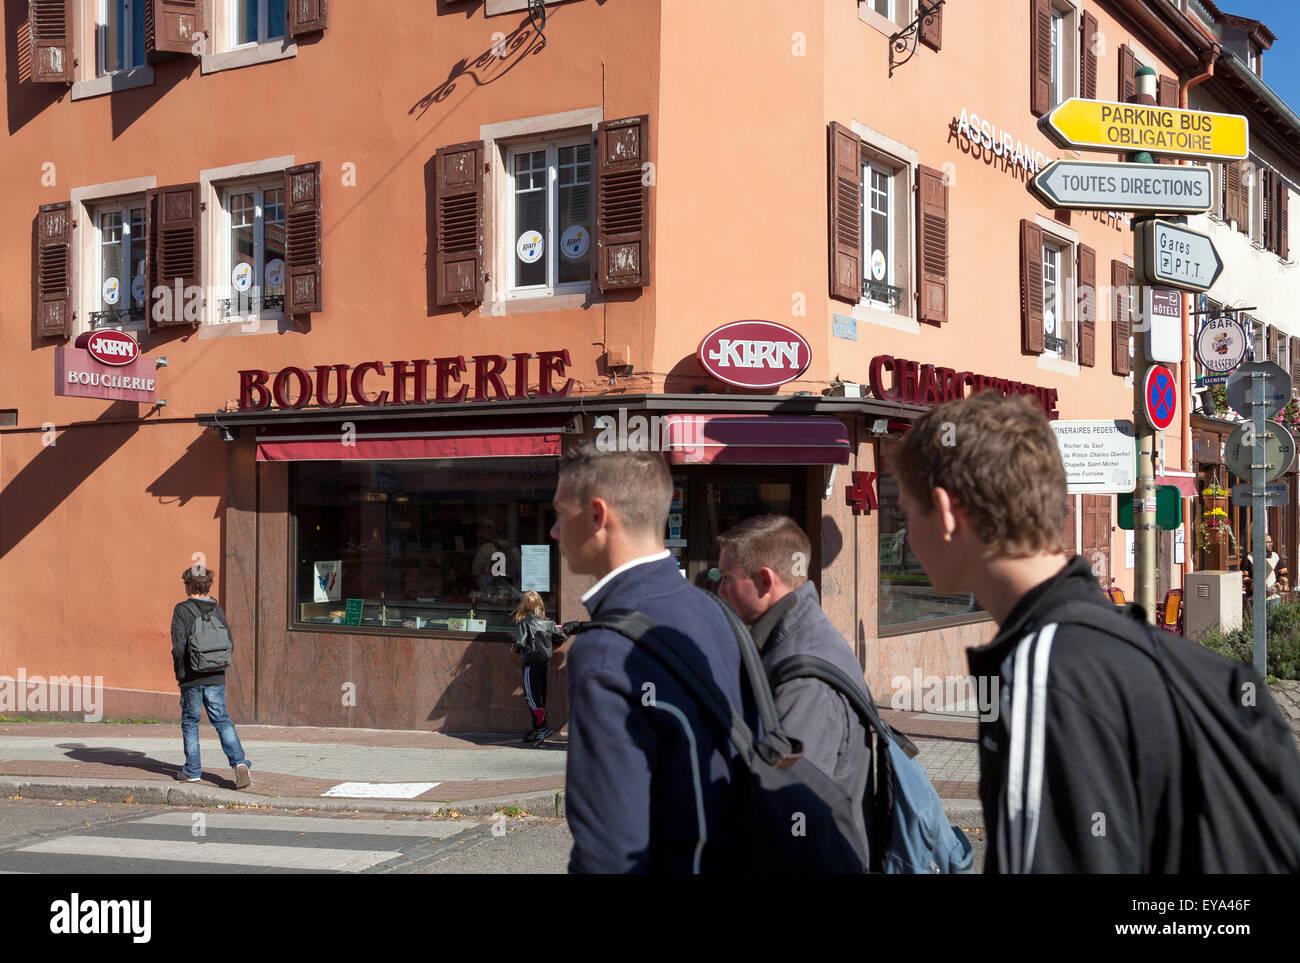 Saverne, France, a butcher shop on a street corner - Stock Image